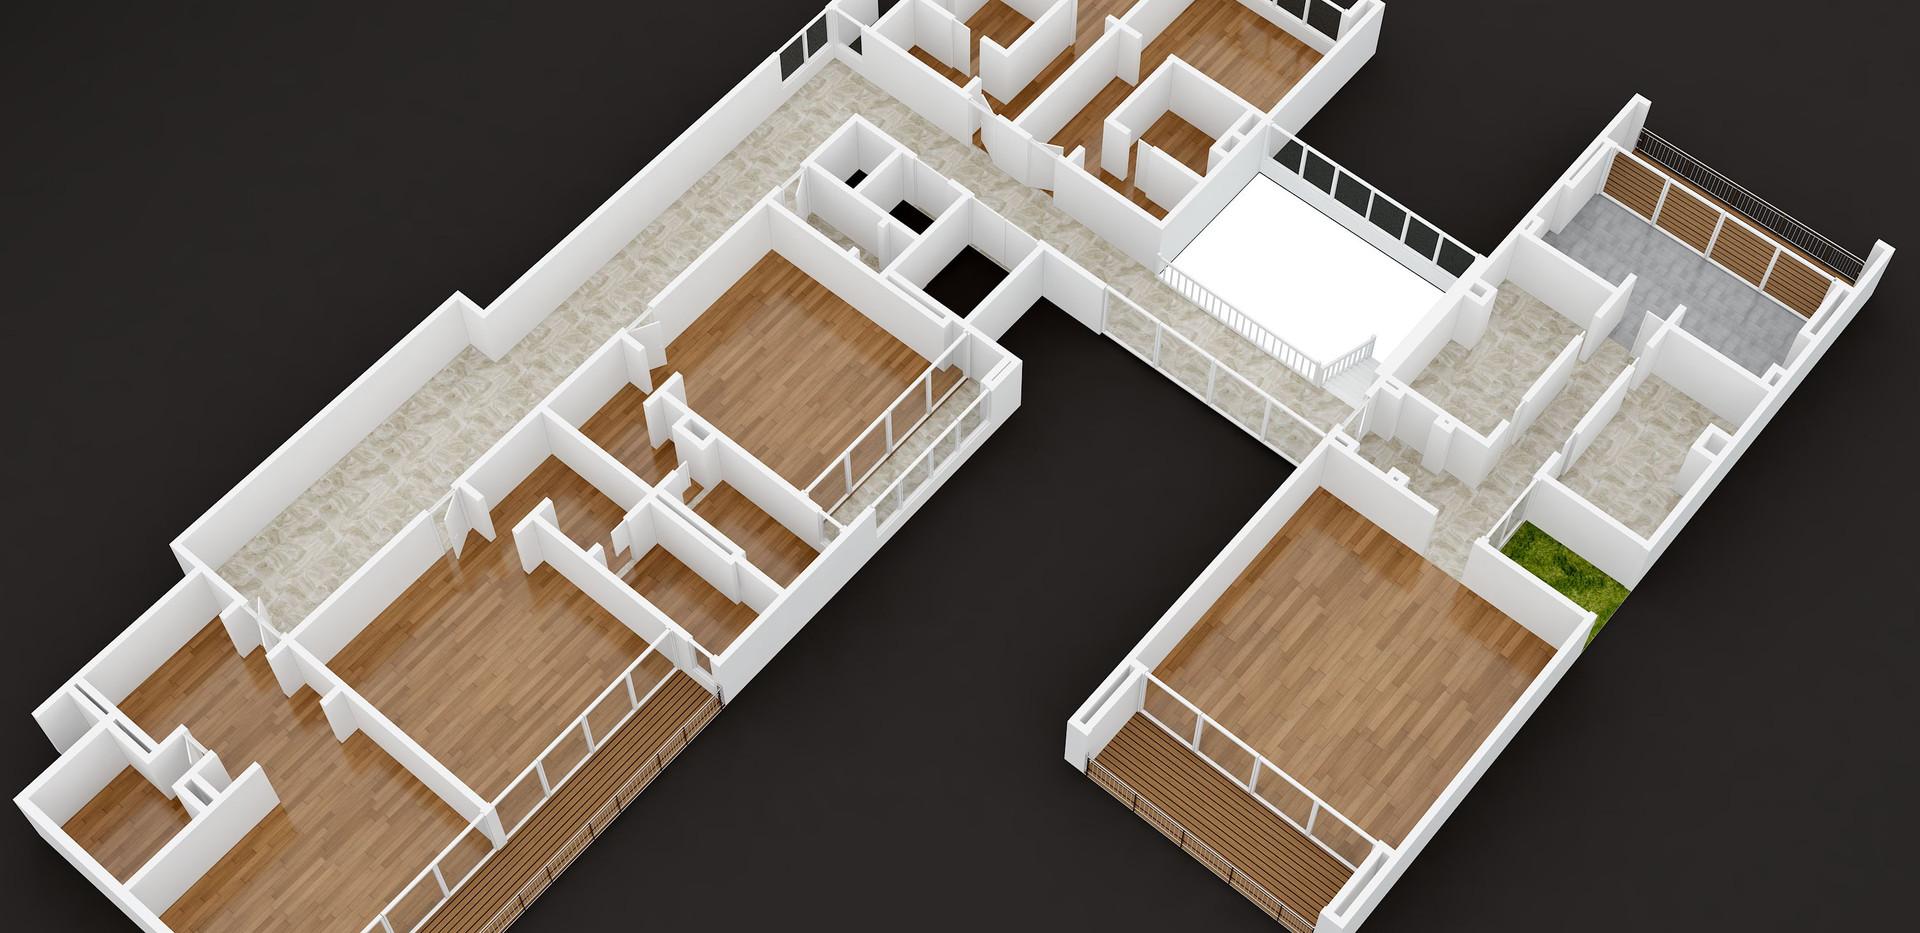 shamla_first floor_fix_3D  floor plan unfurniture